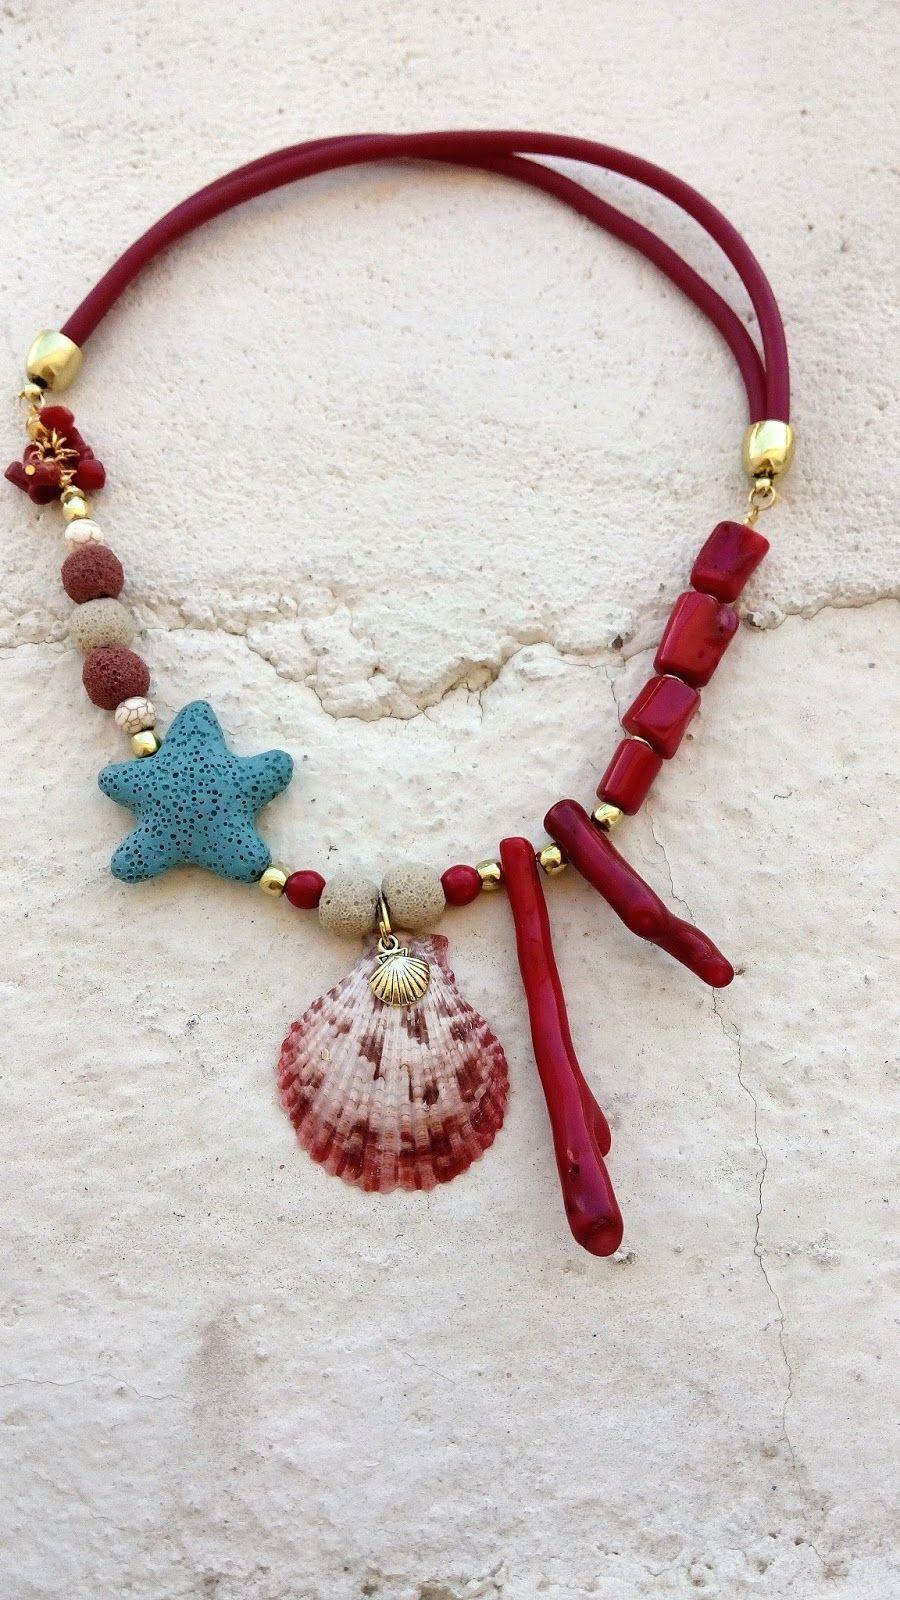 Collar De Coral Un Clasico Que No Puede Faltar En Verano